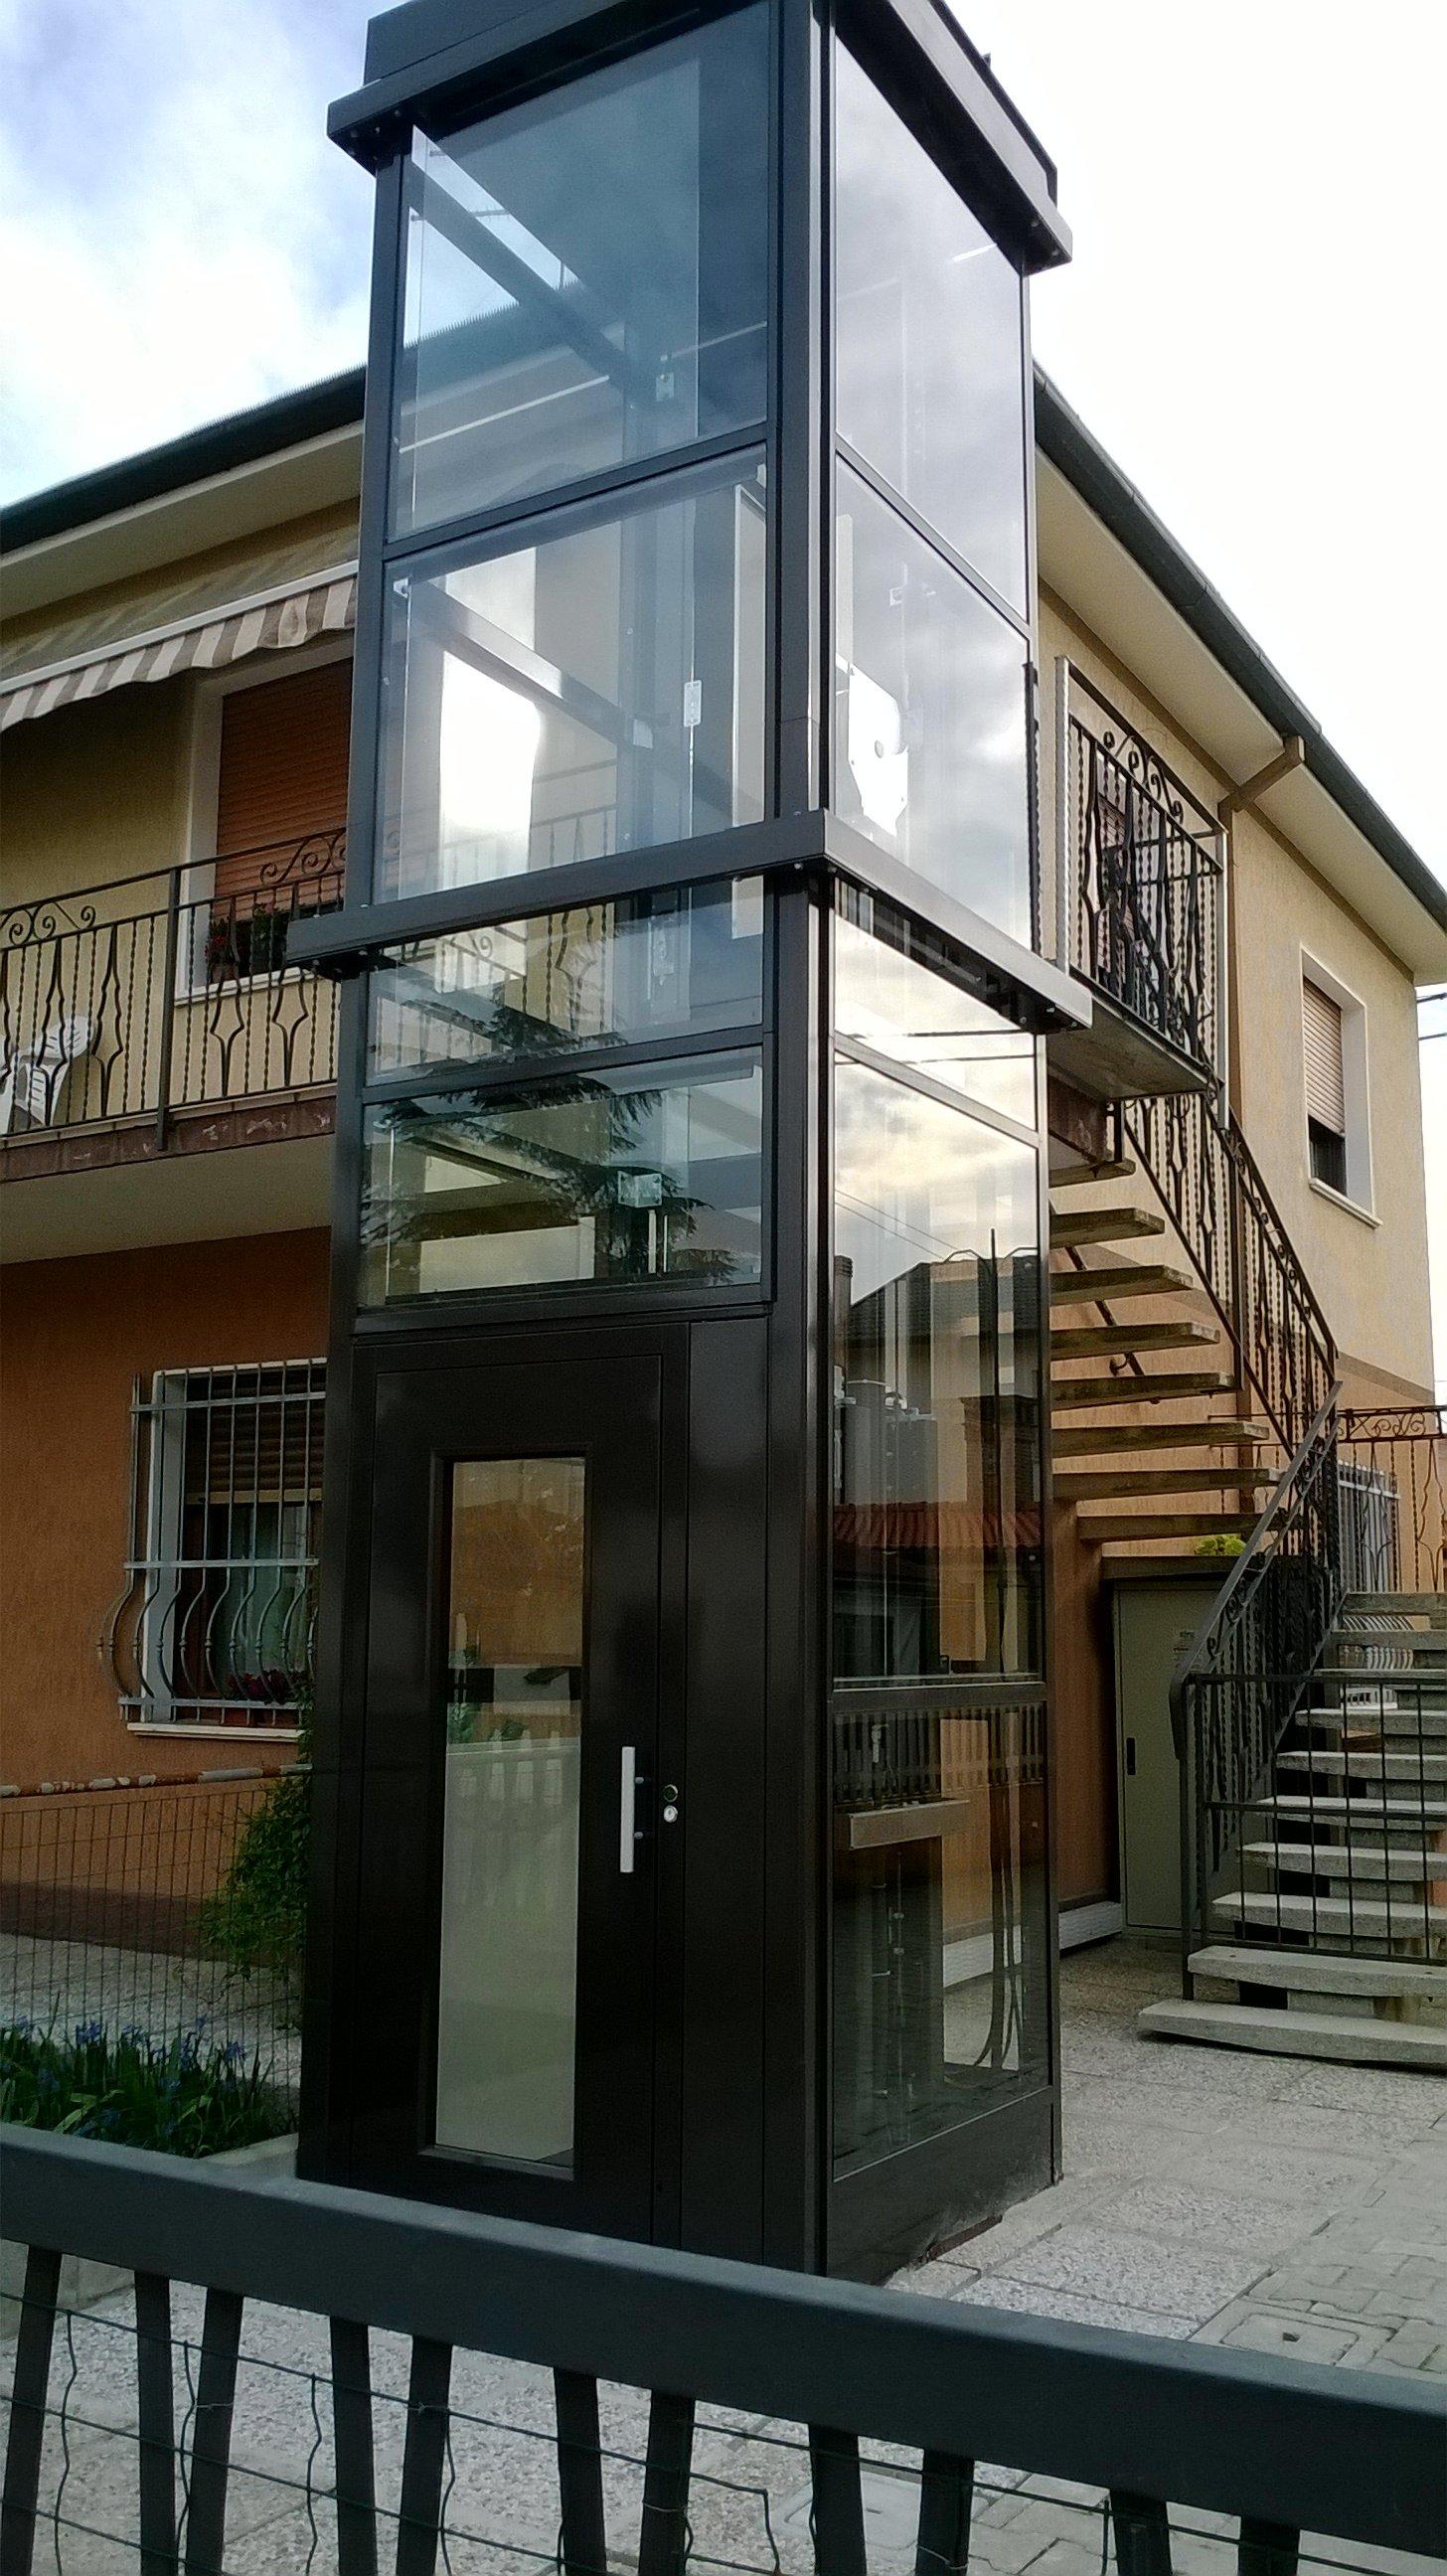 Installazione ascensore esterno domestico a copparo for Piani di ascensore domestico